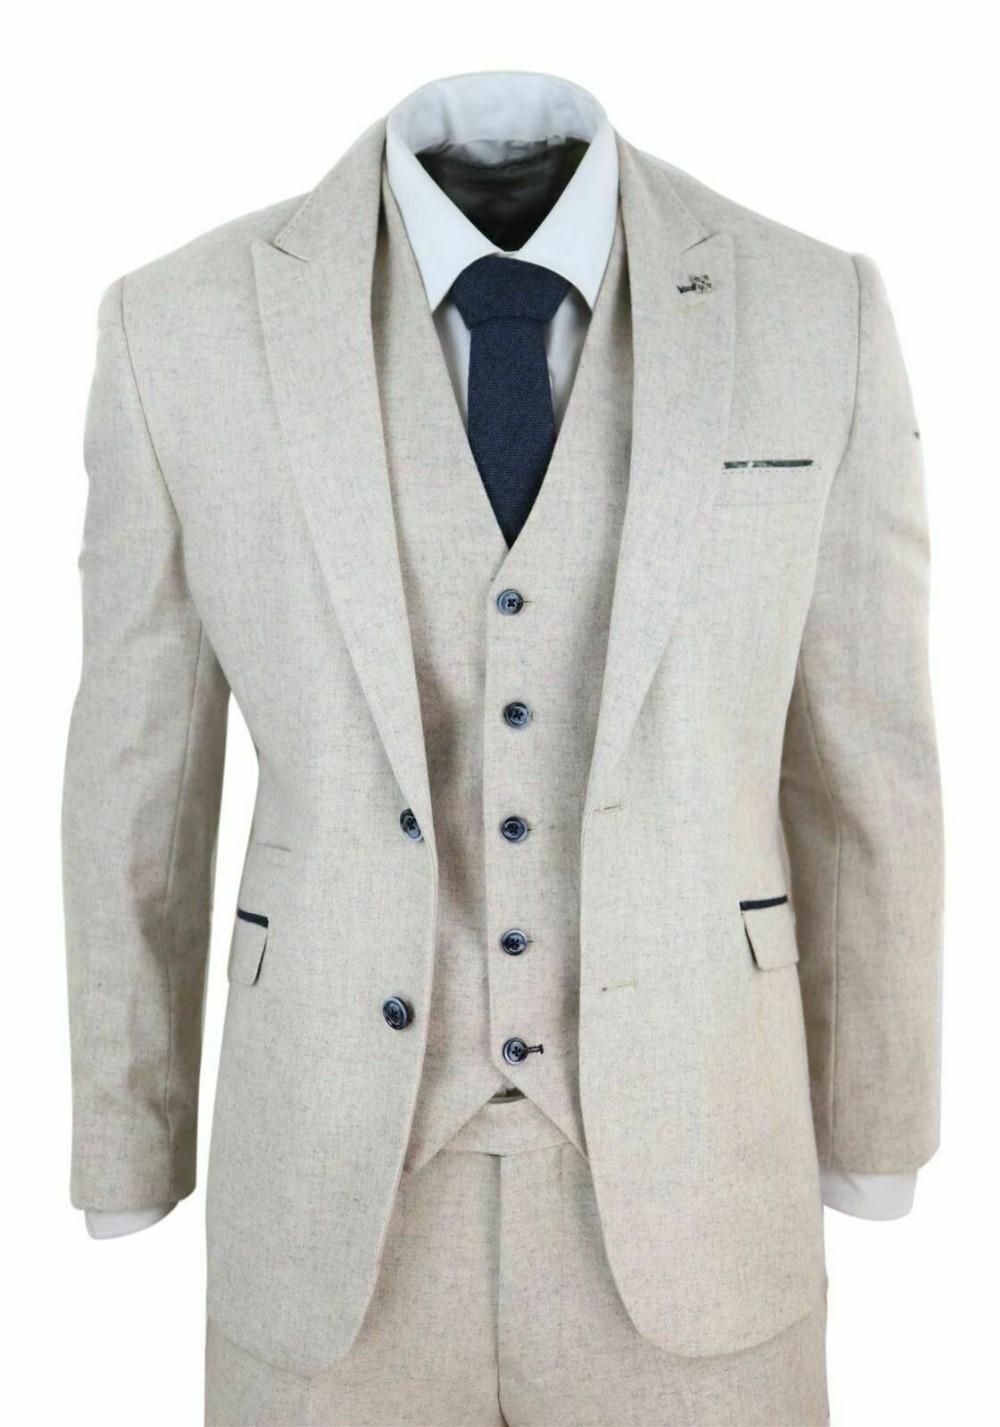 Hommes laine Tweed 3 pièce Vintage Peaky oeillères costume crème rétro classique personnalisé